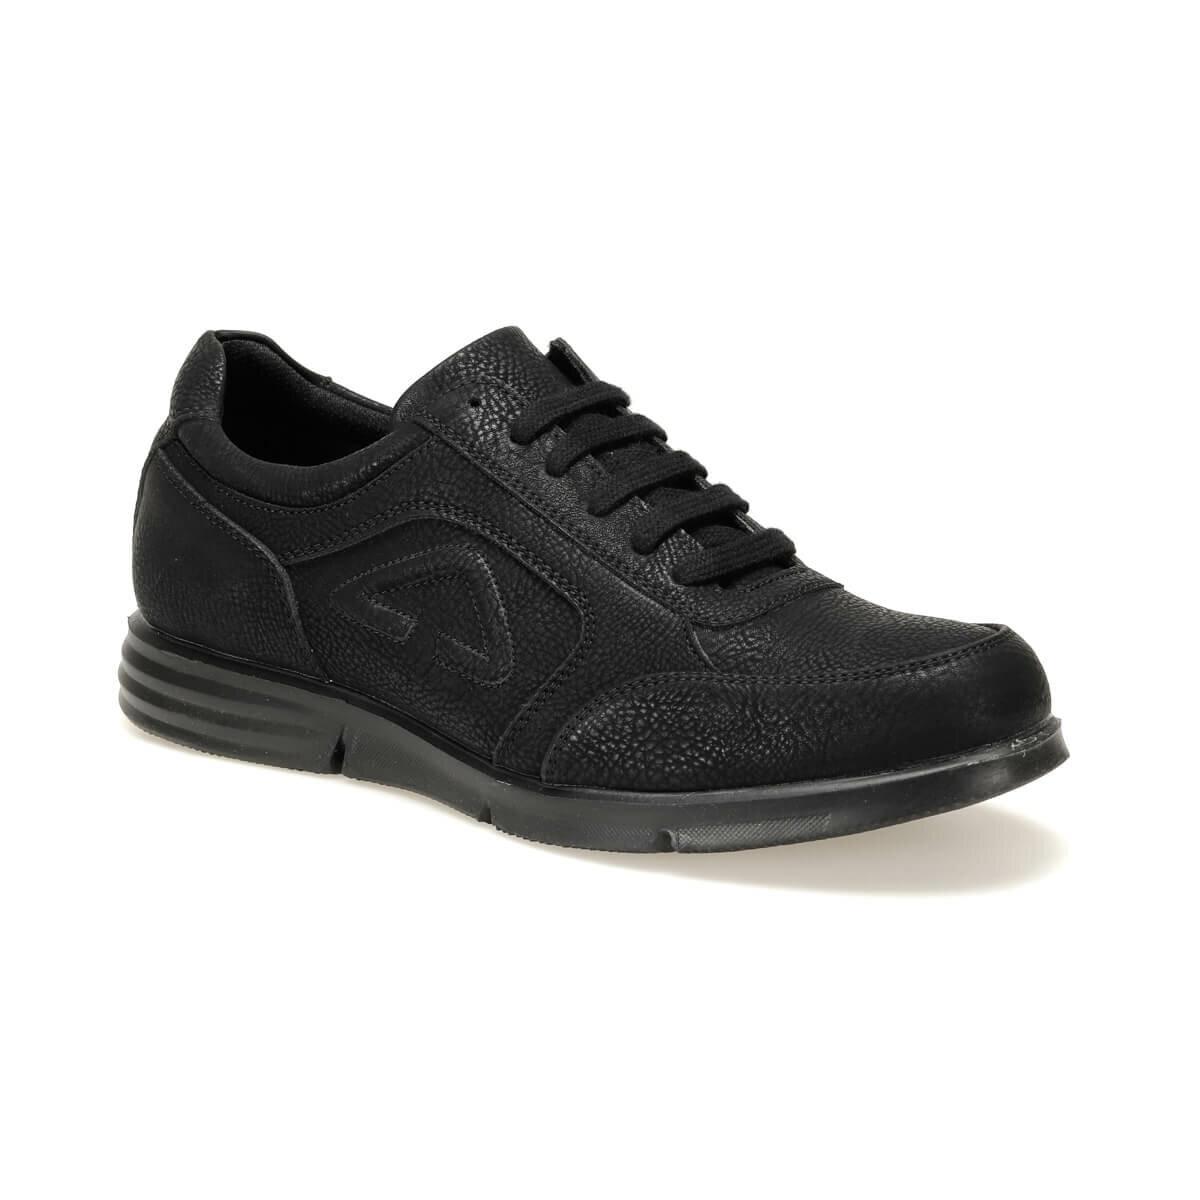 FLO 014-3 C Black Male Shoes Oxide